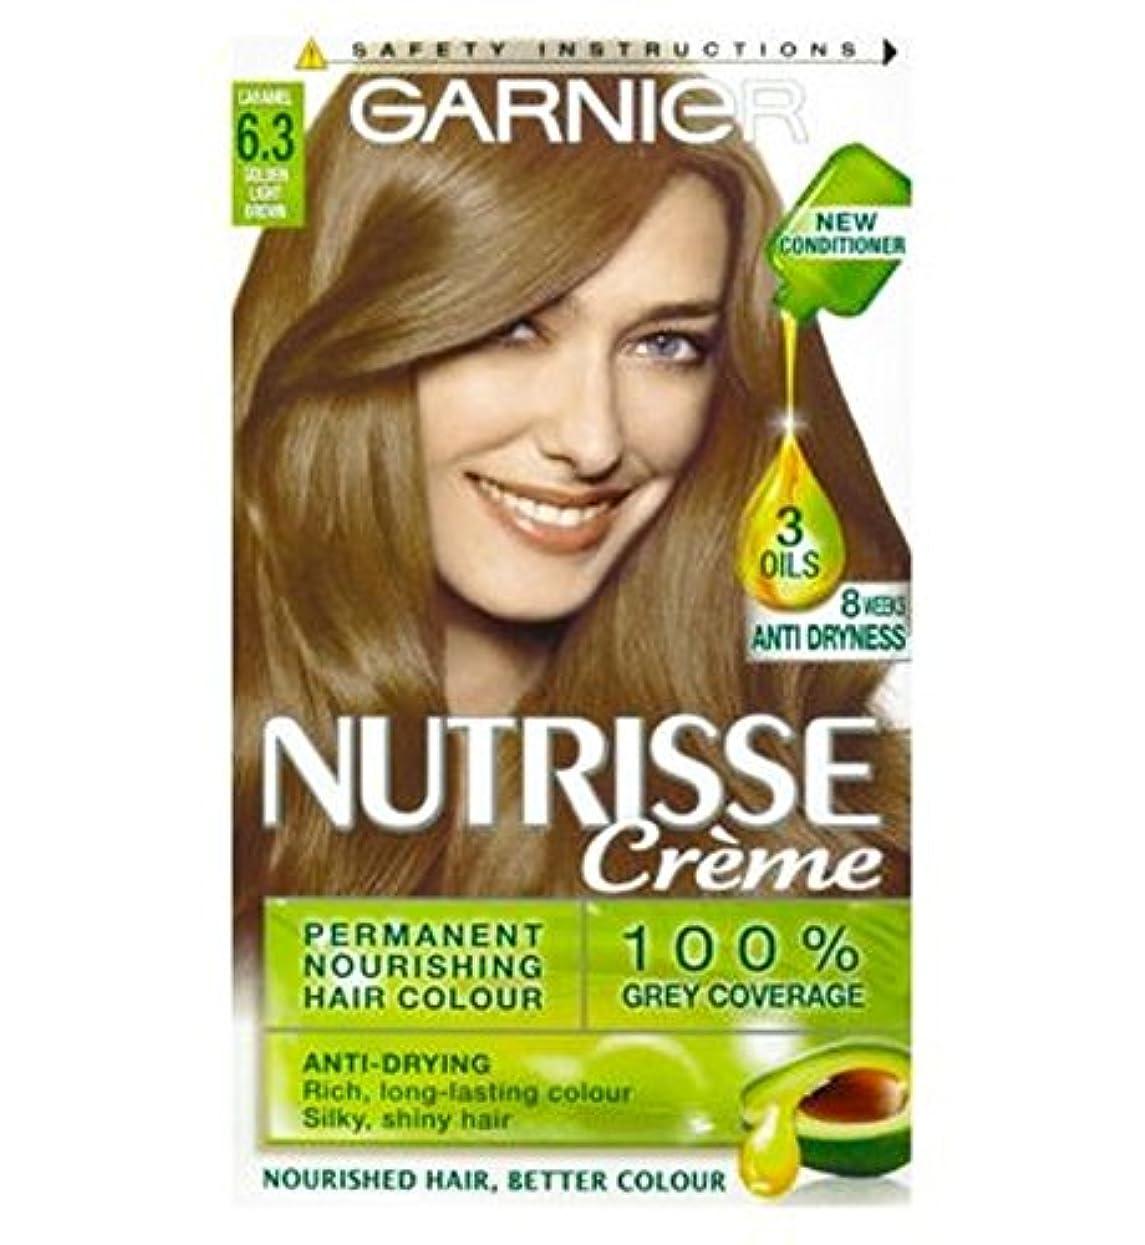 関税急ぐパンチガルニエNutrisseクリームパーマネントヘアカラー6.3キャラメルライトブラウン (Garnier) (x2) - Garnier Nutrisse Cr?me Permanent Hair Colour 6.3 Caramel...